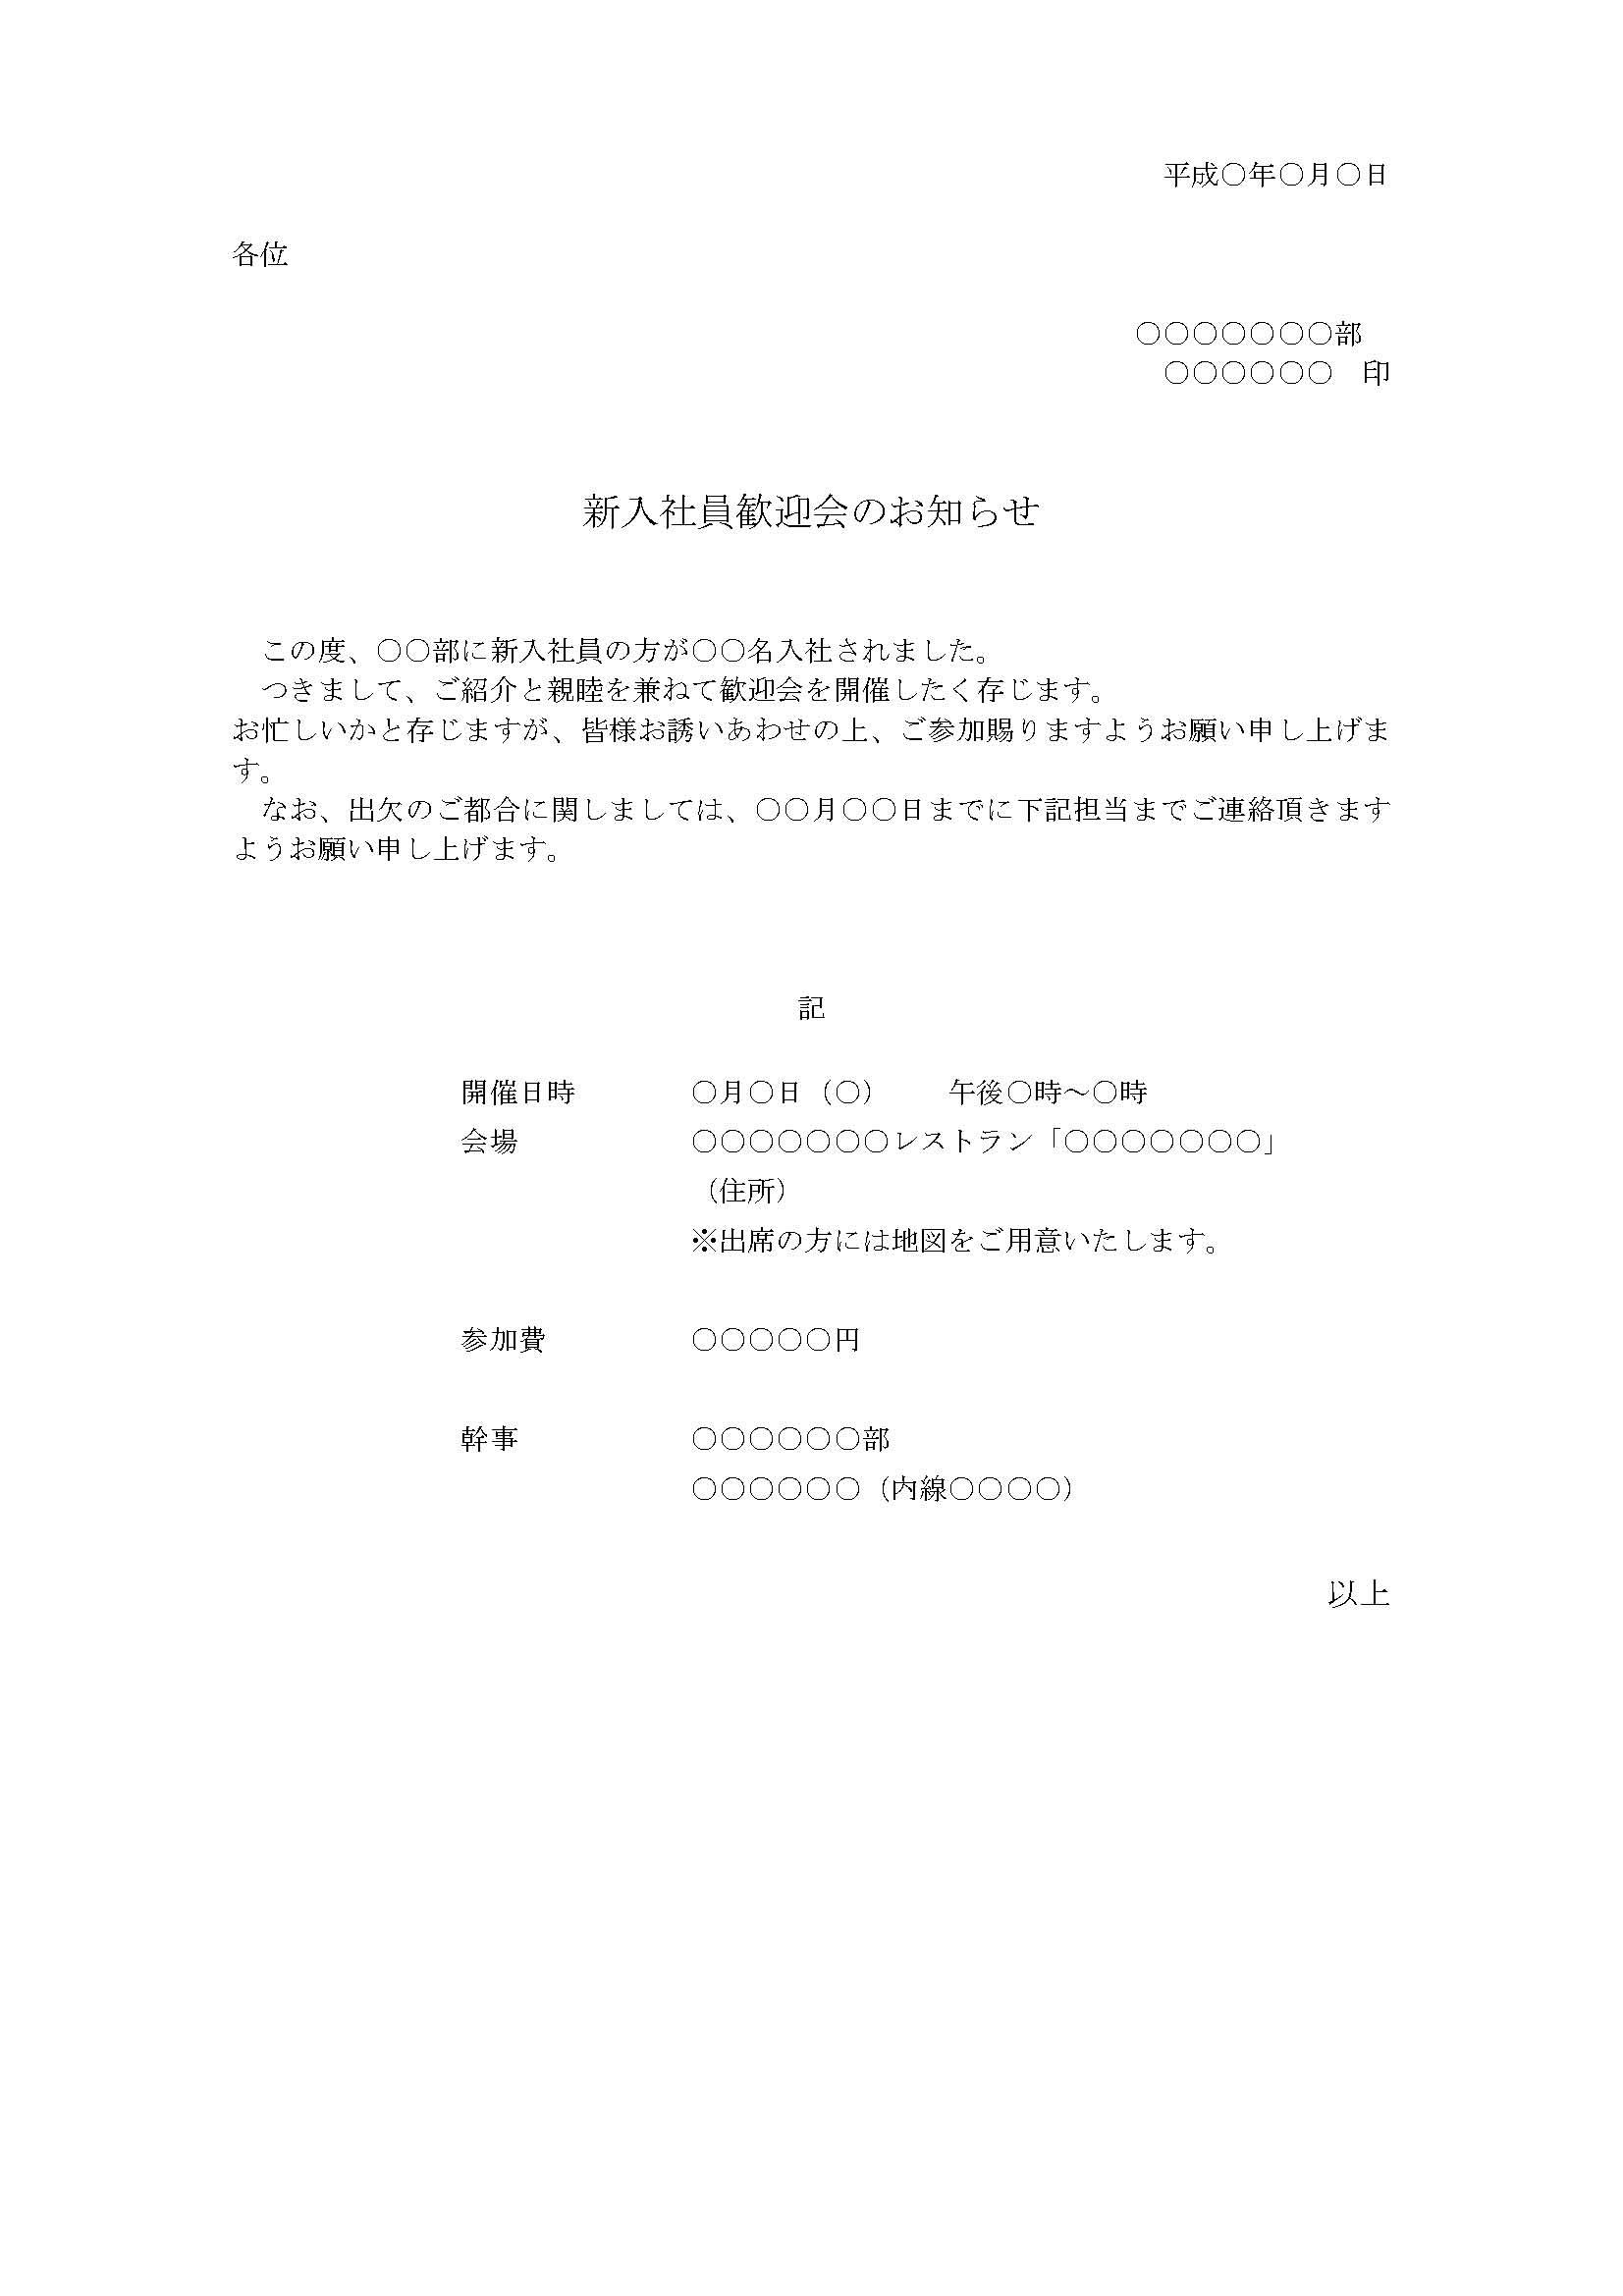 お知らせ(新入社員歓迎会)